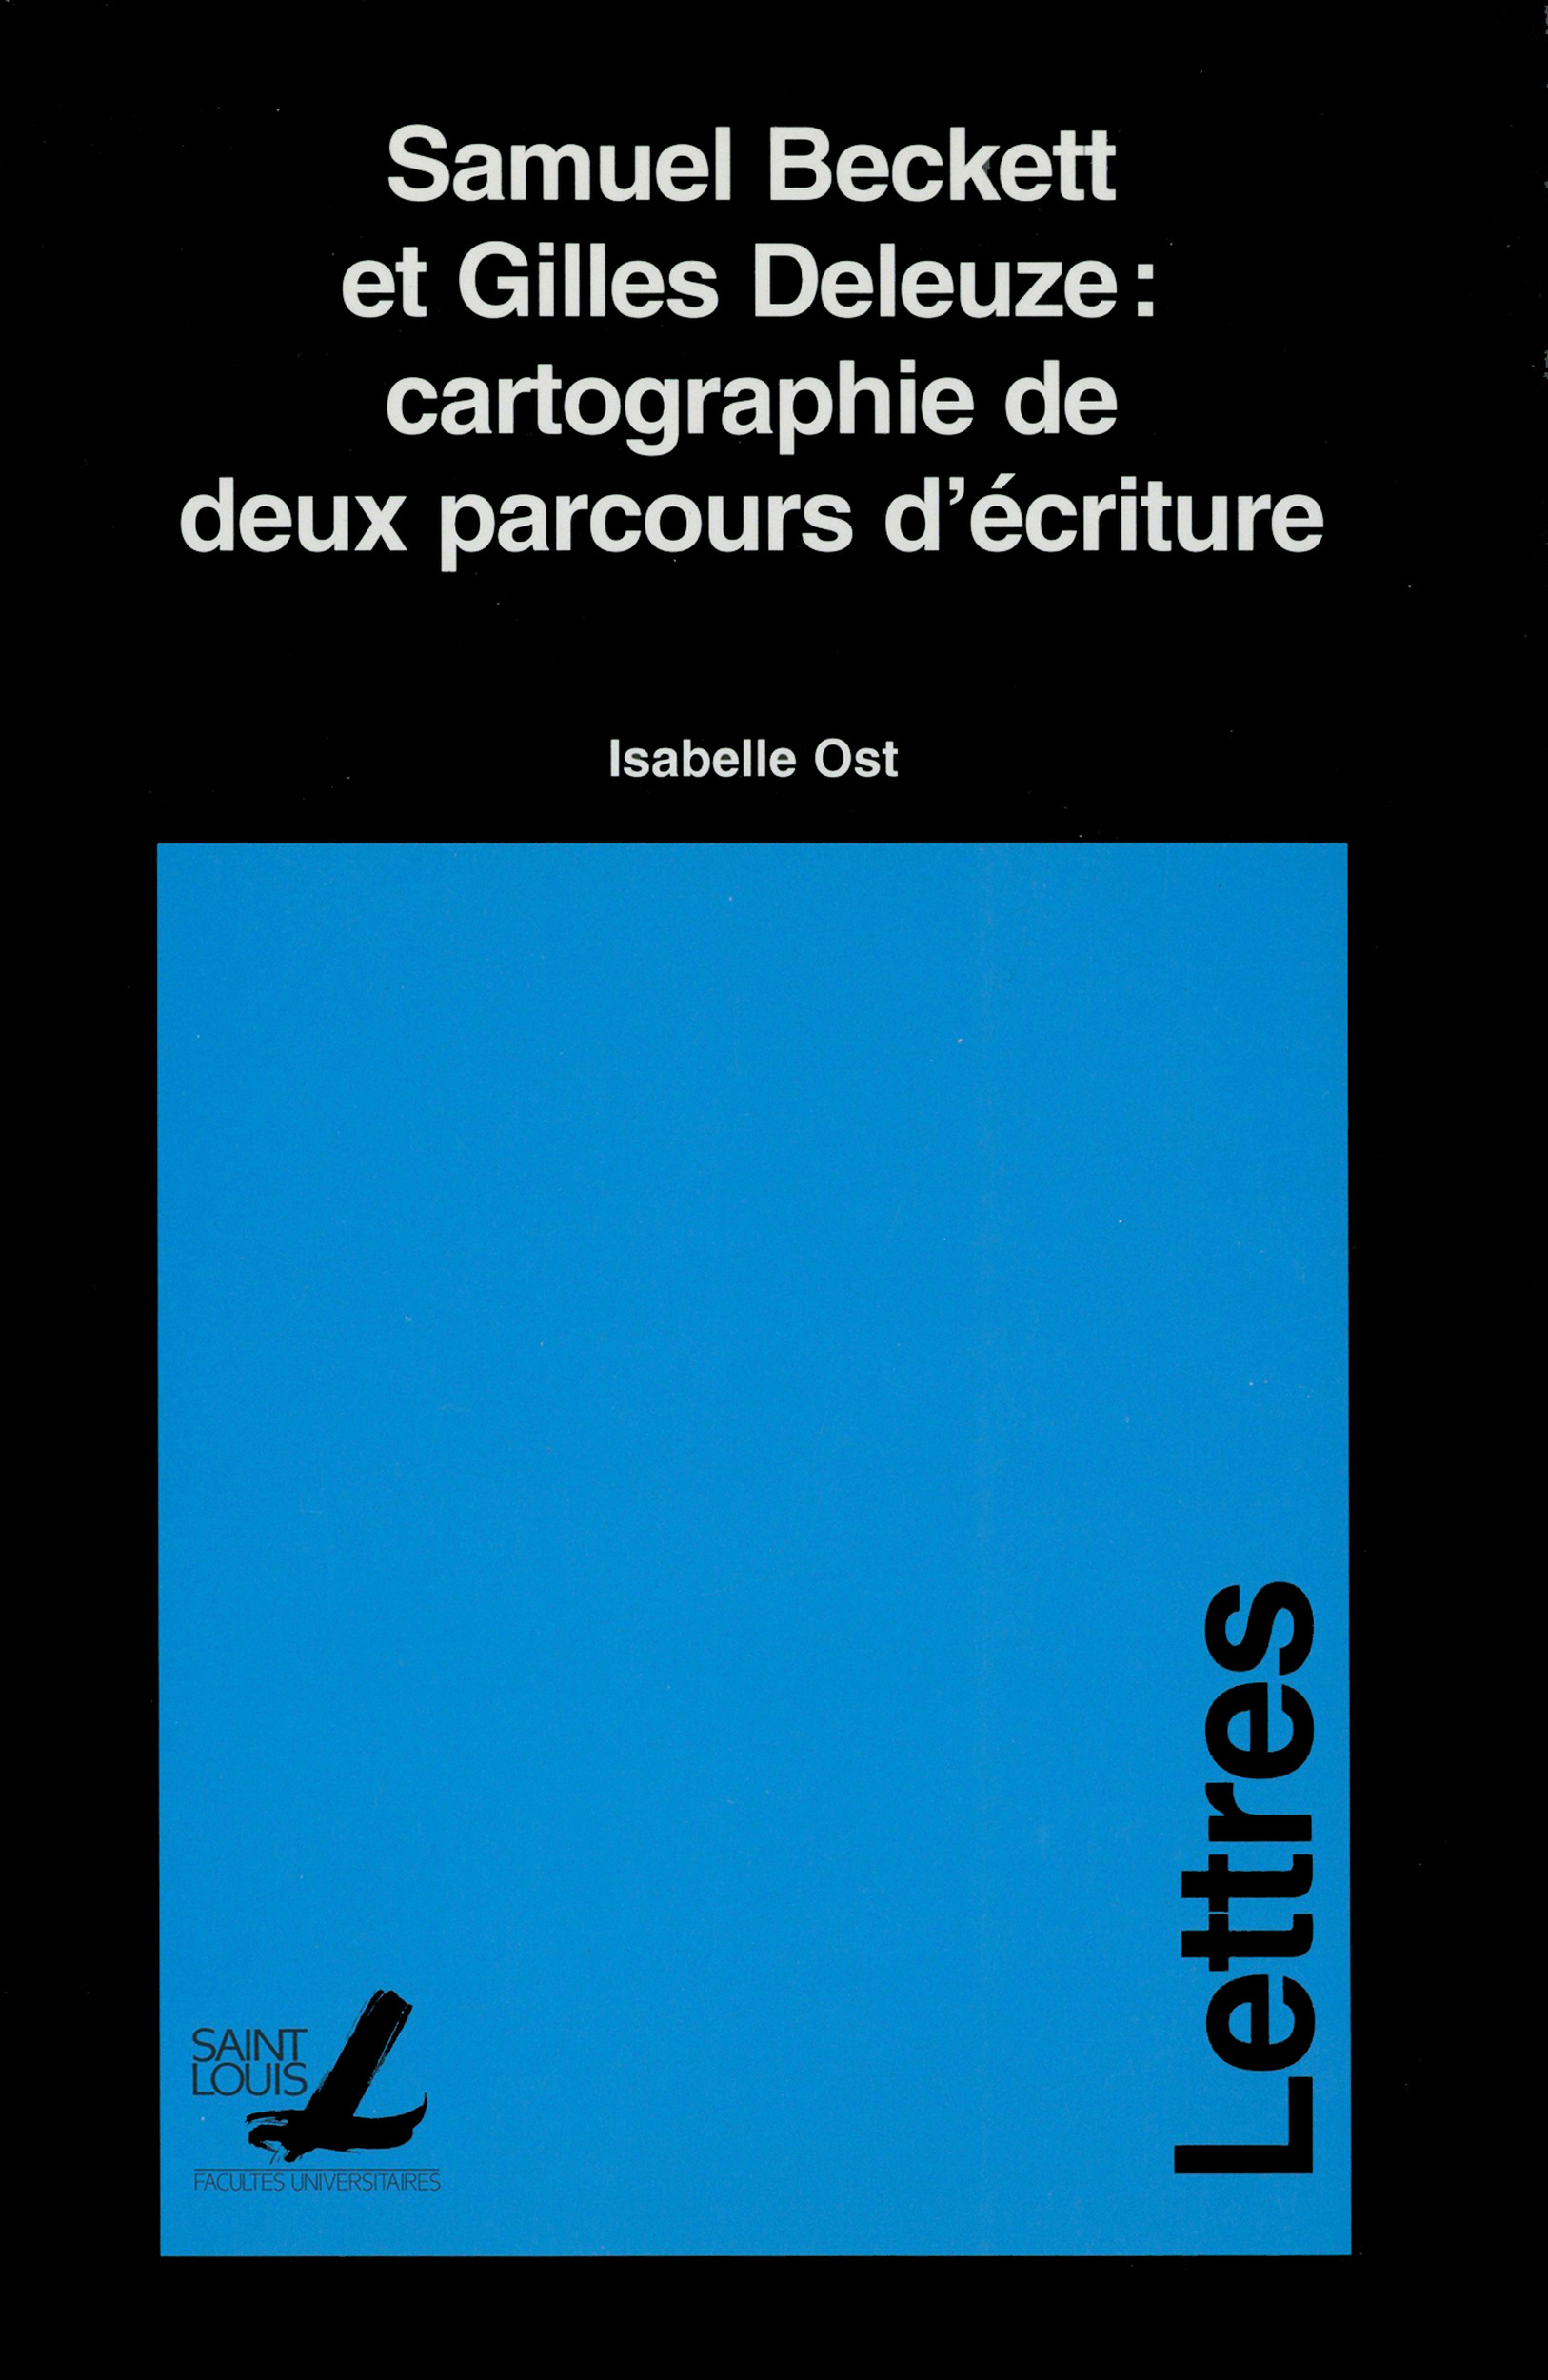 Samuel Beckett et Gilles Deleuze: cartographie de deux parcours d´écriture